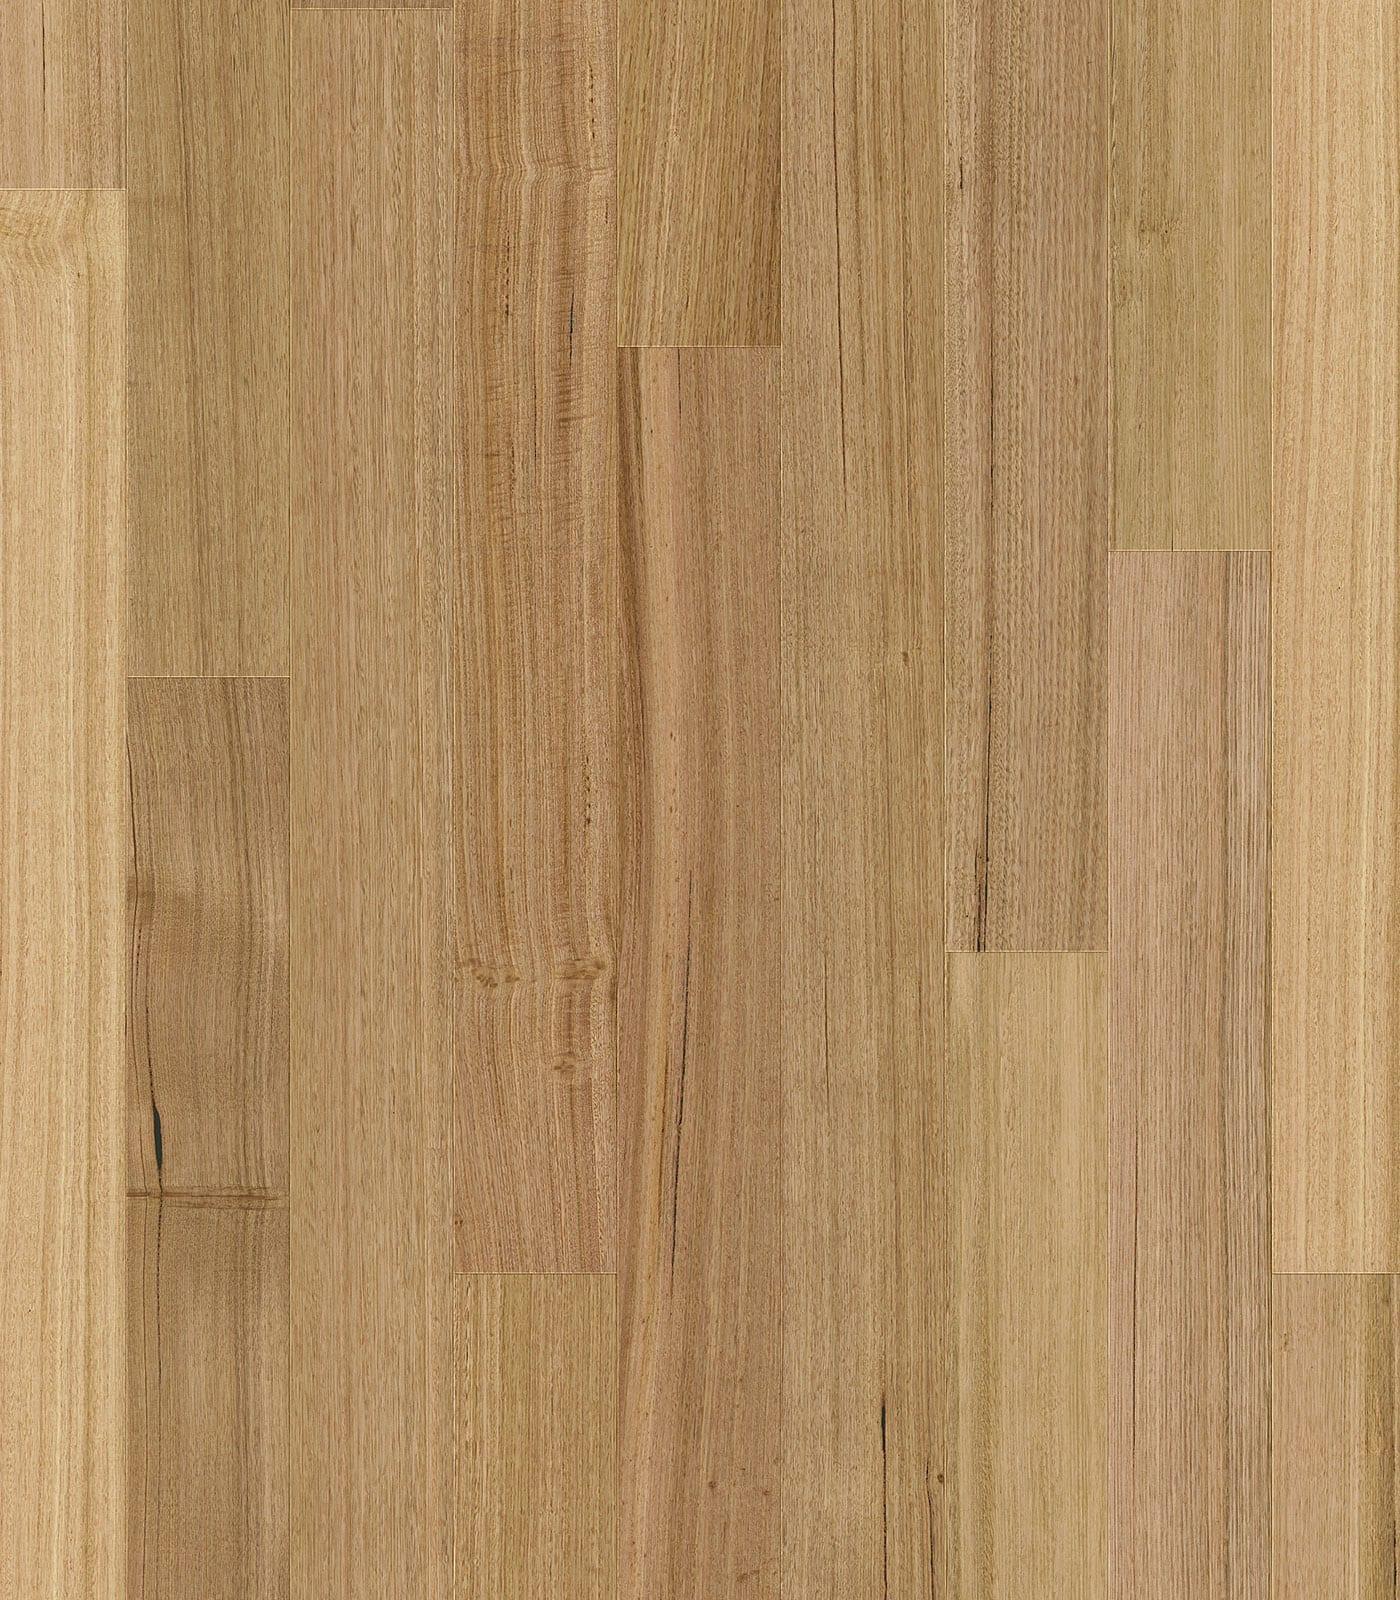 Tasmanian Oak-Origins Collection-Engineered floors-flat